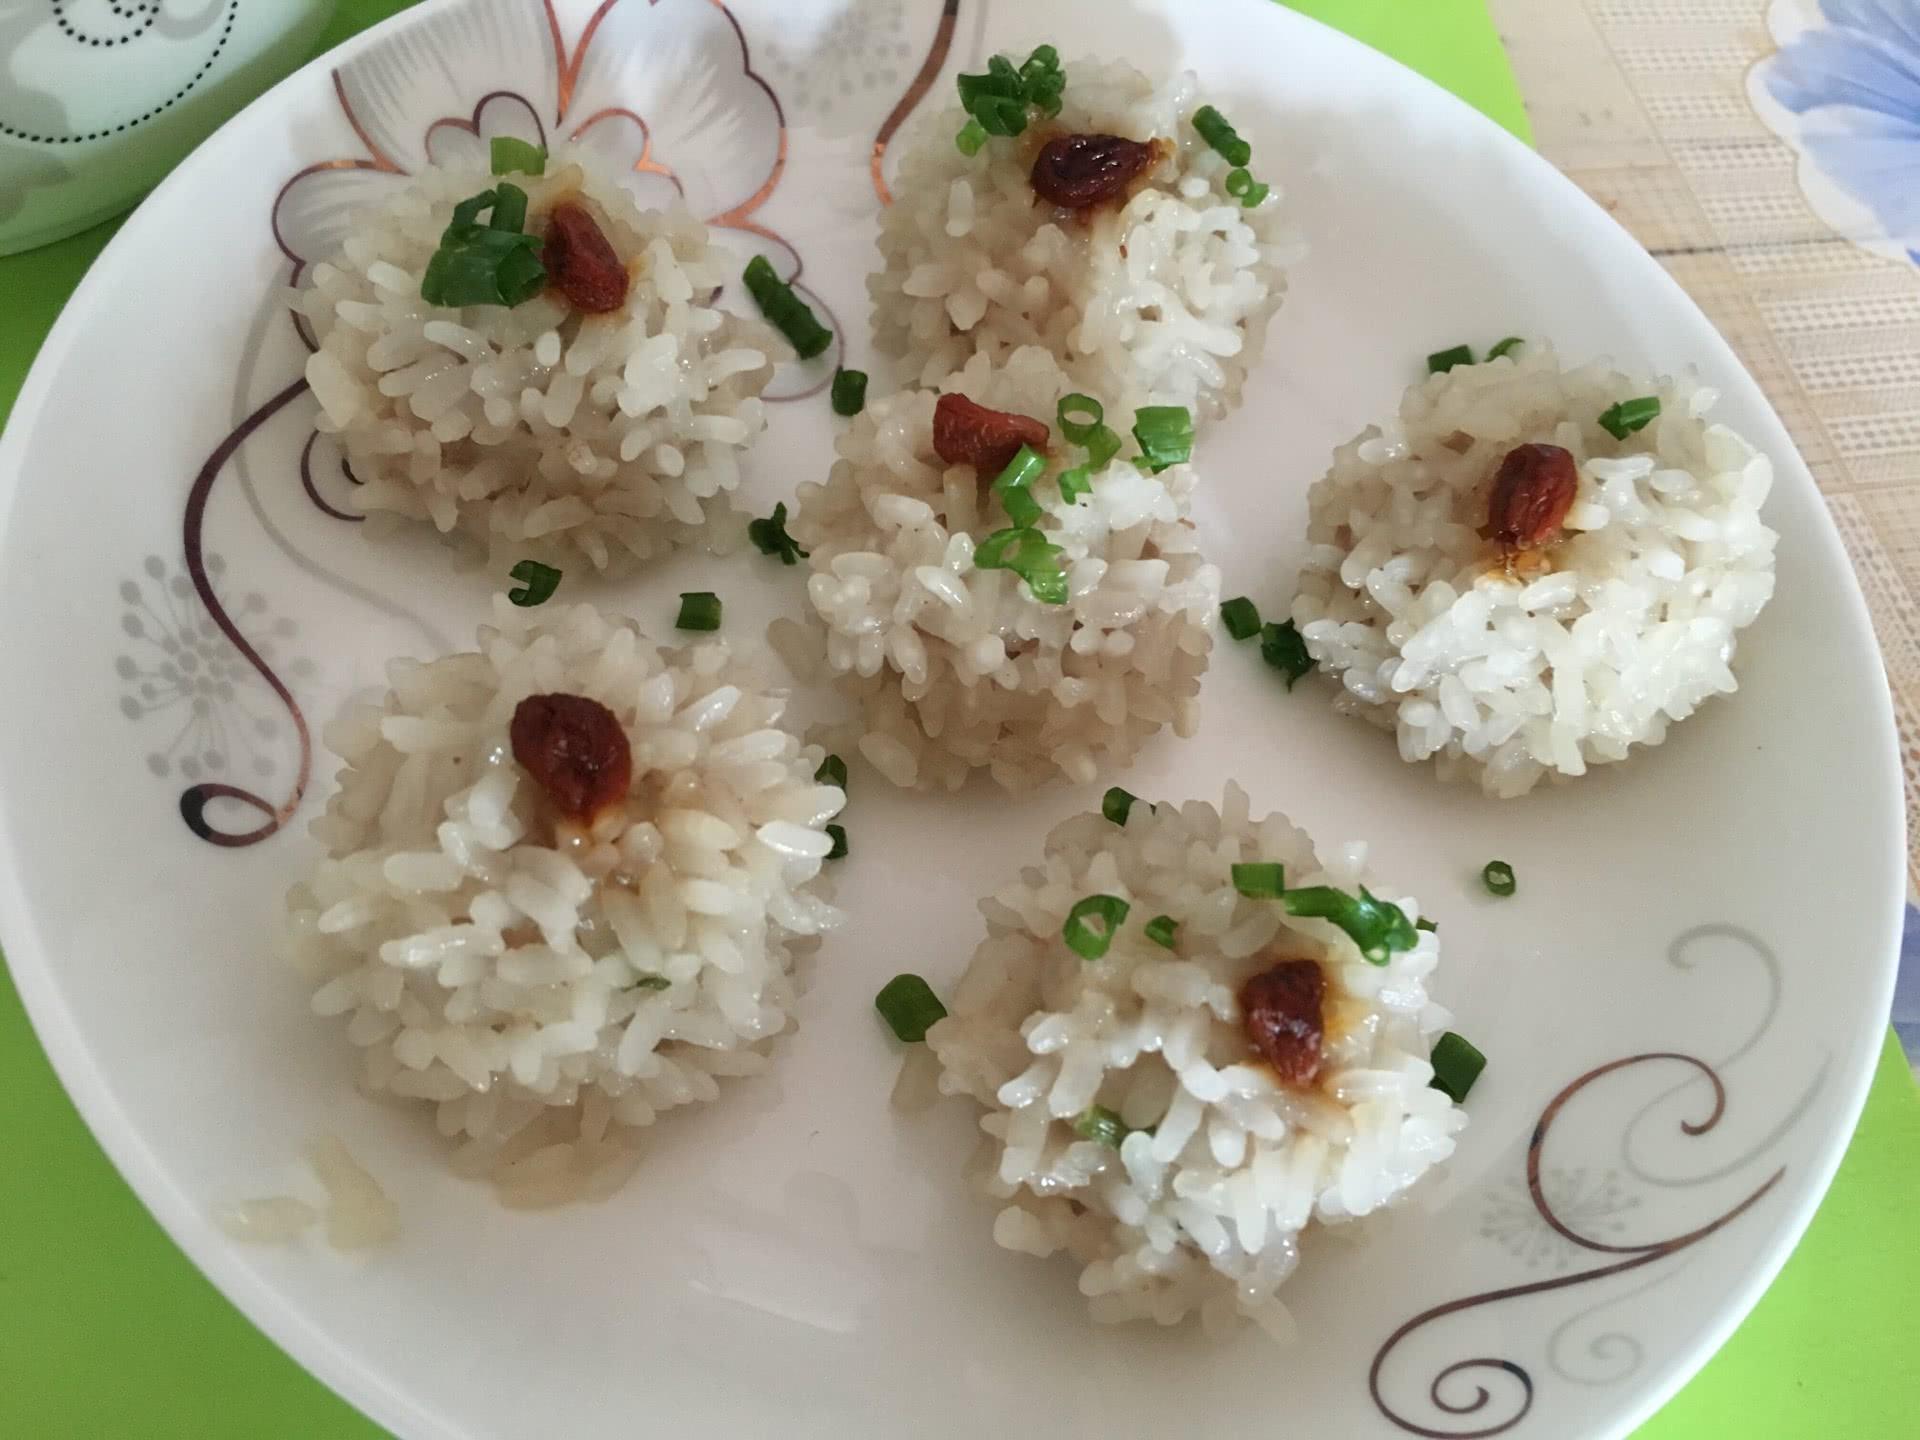 珍珠糯米丸子怎么做_珍珠糯米丸子的做法_豆果美食